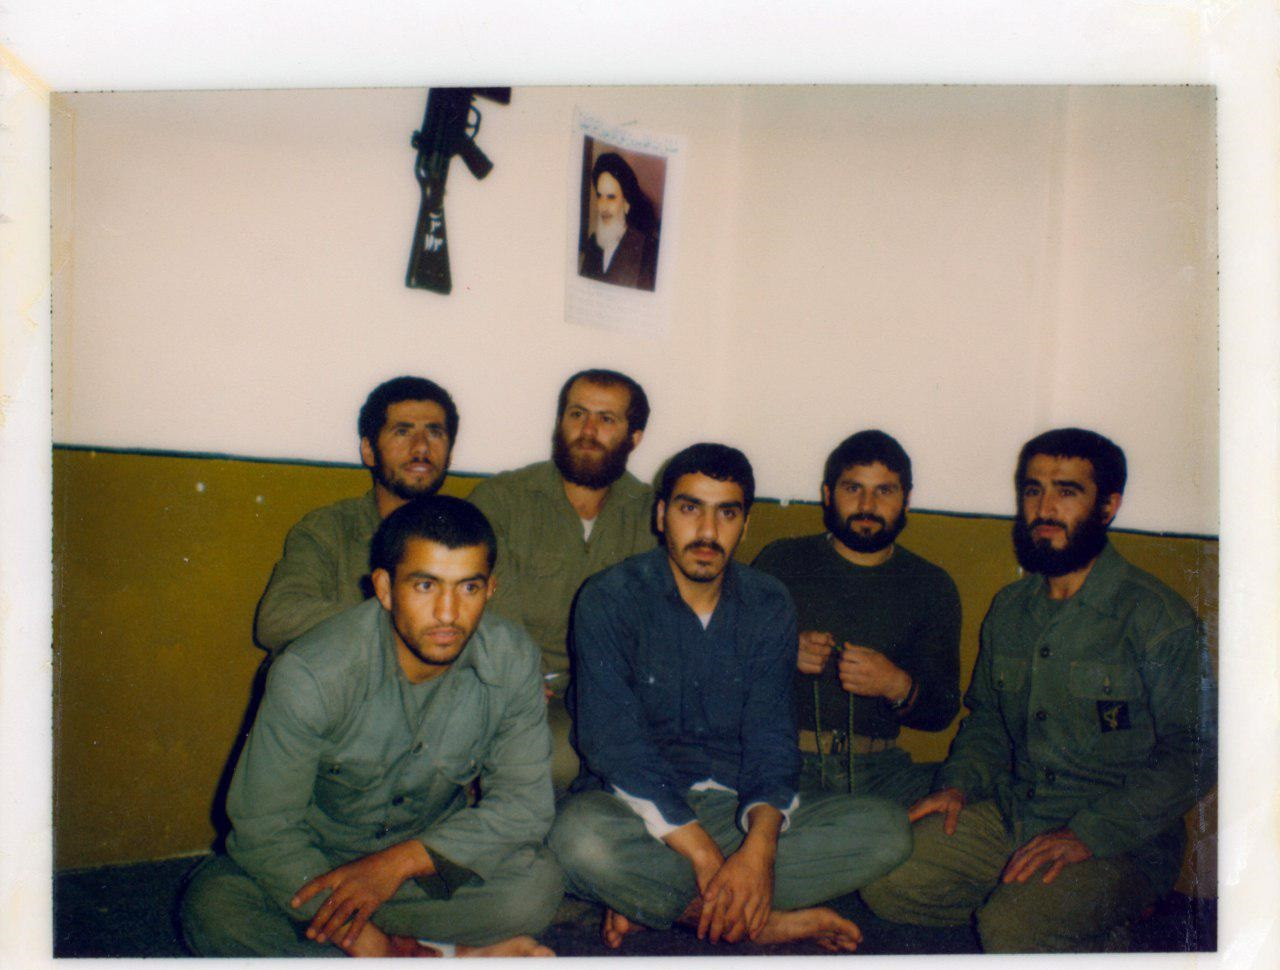 حسین پل عبور رزمندهها برای آزادی خرمشهر شد/ پیروزی در عملیات را مدیون هستیم